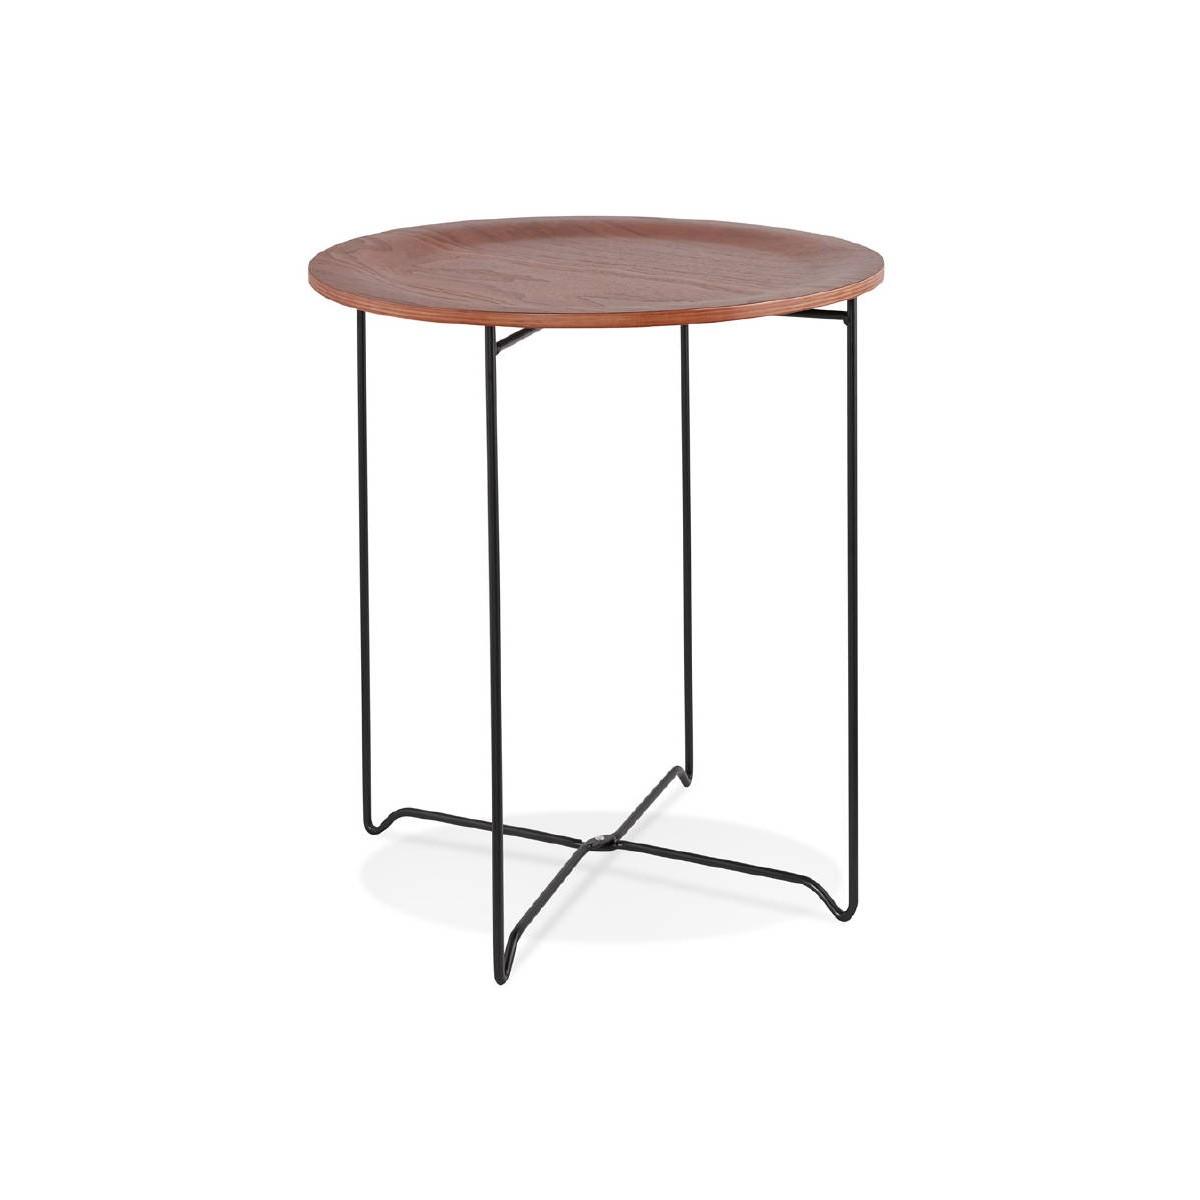 table d appoint bout de canape industriel zack noyer amp story 5677